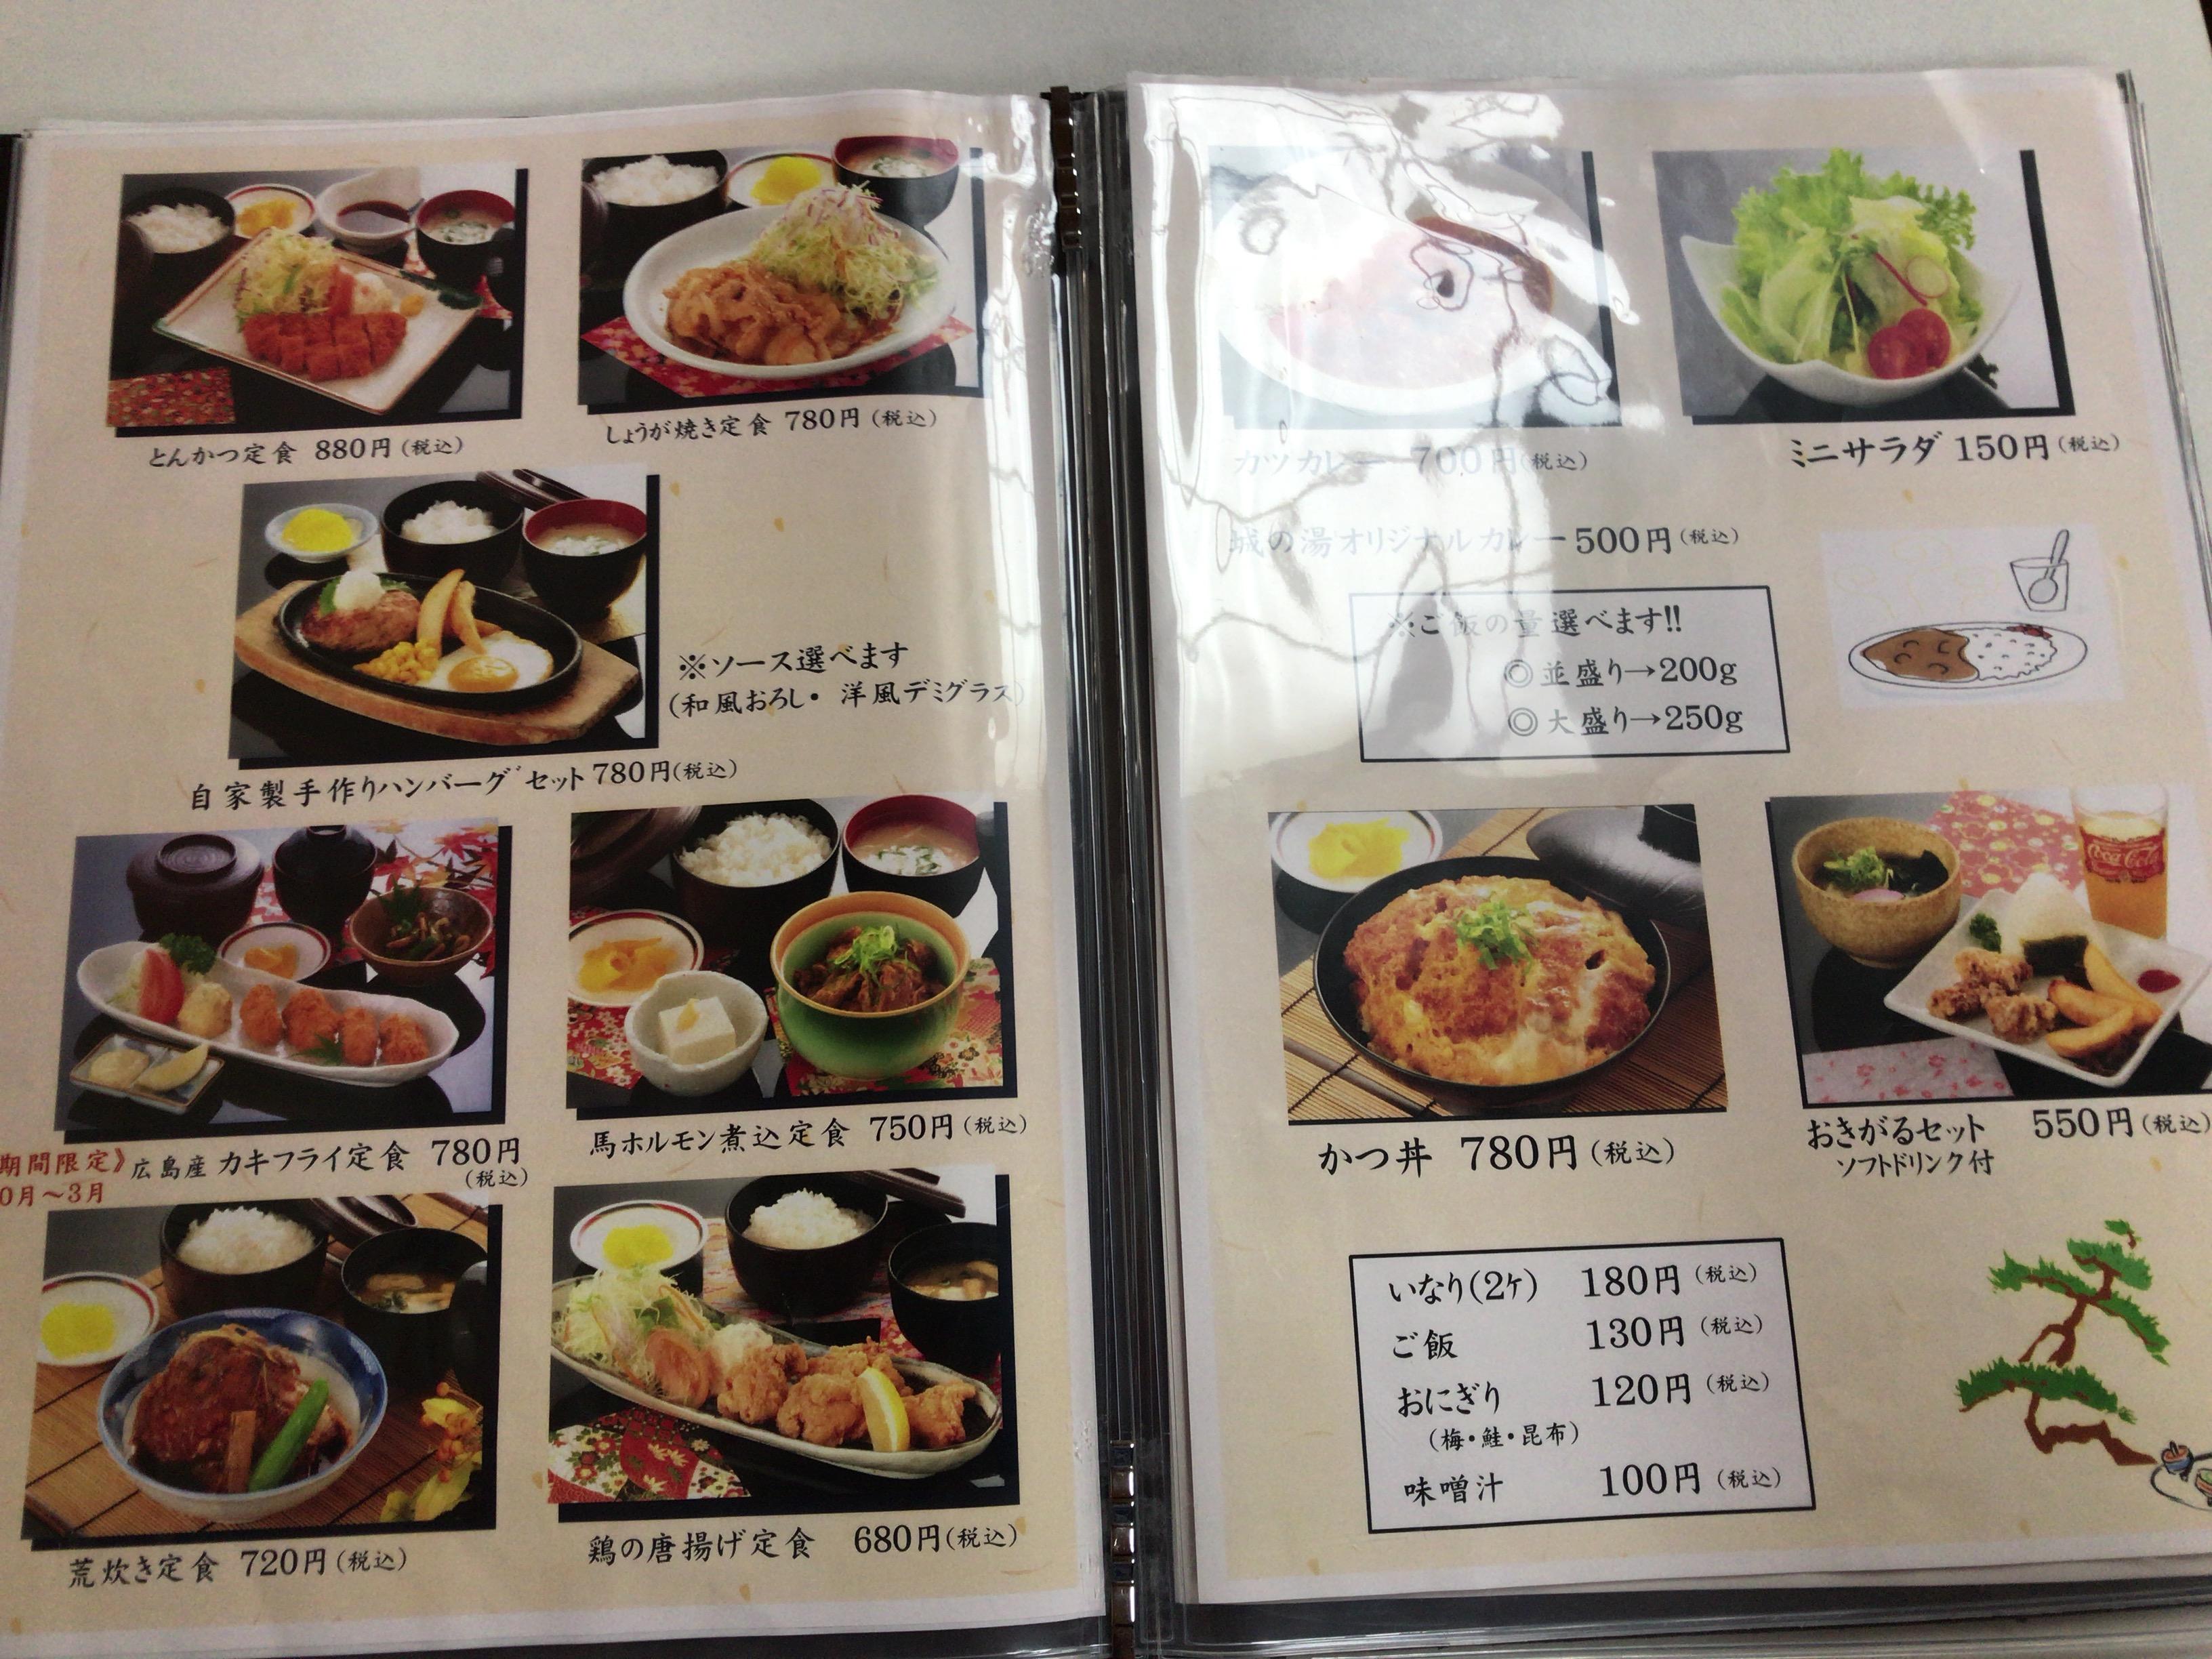 熊本城温泉城の湯のレストランのメニュー